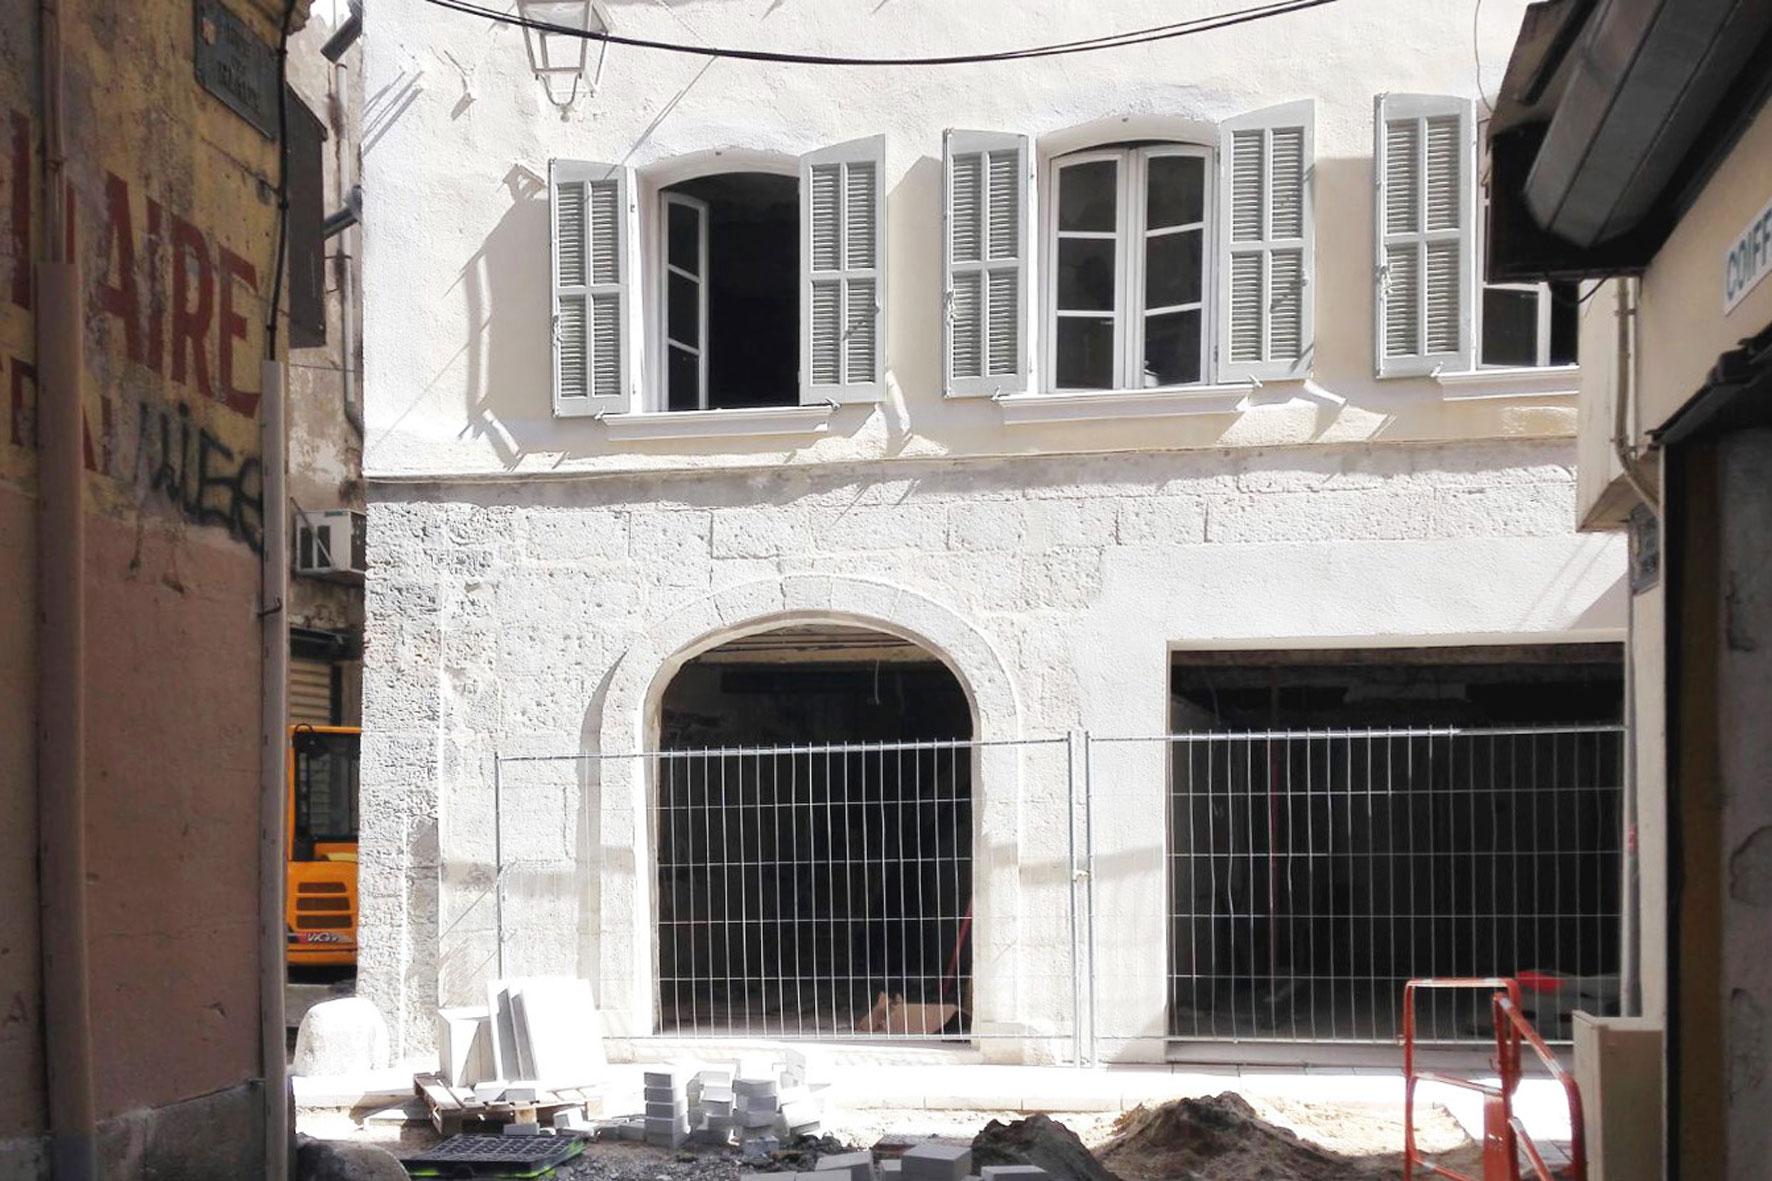 façade en cours de rénovation